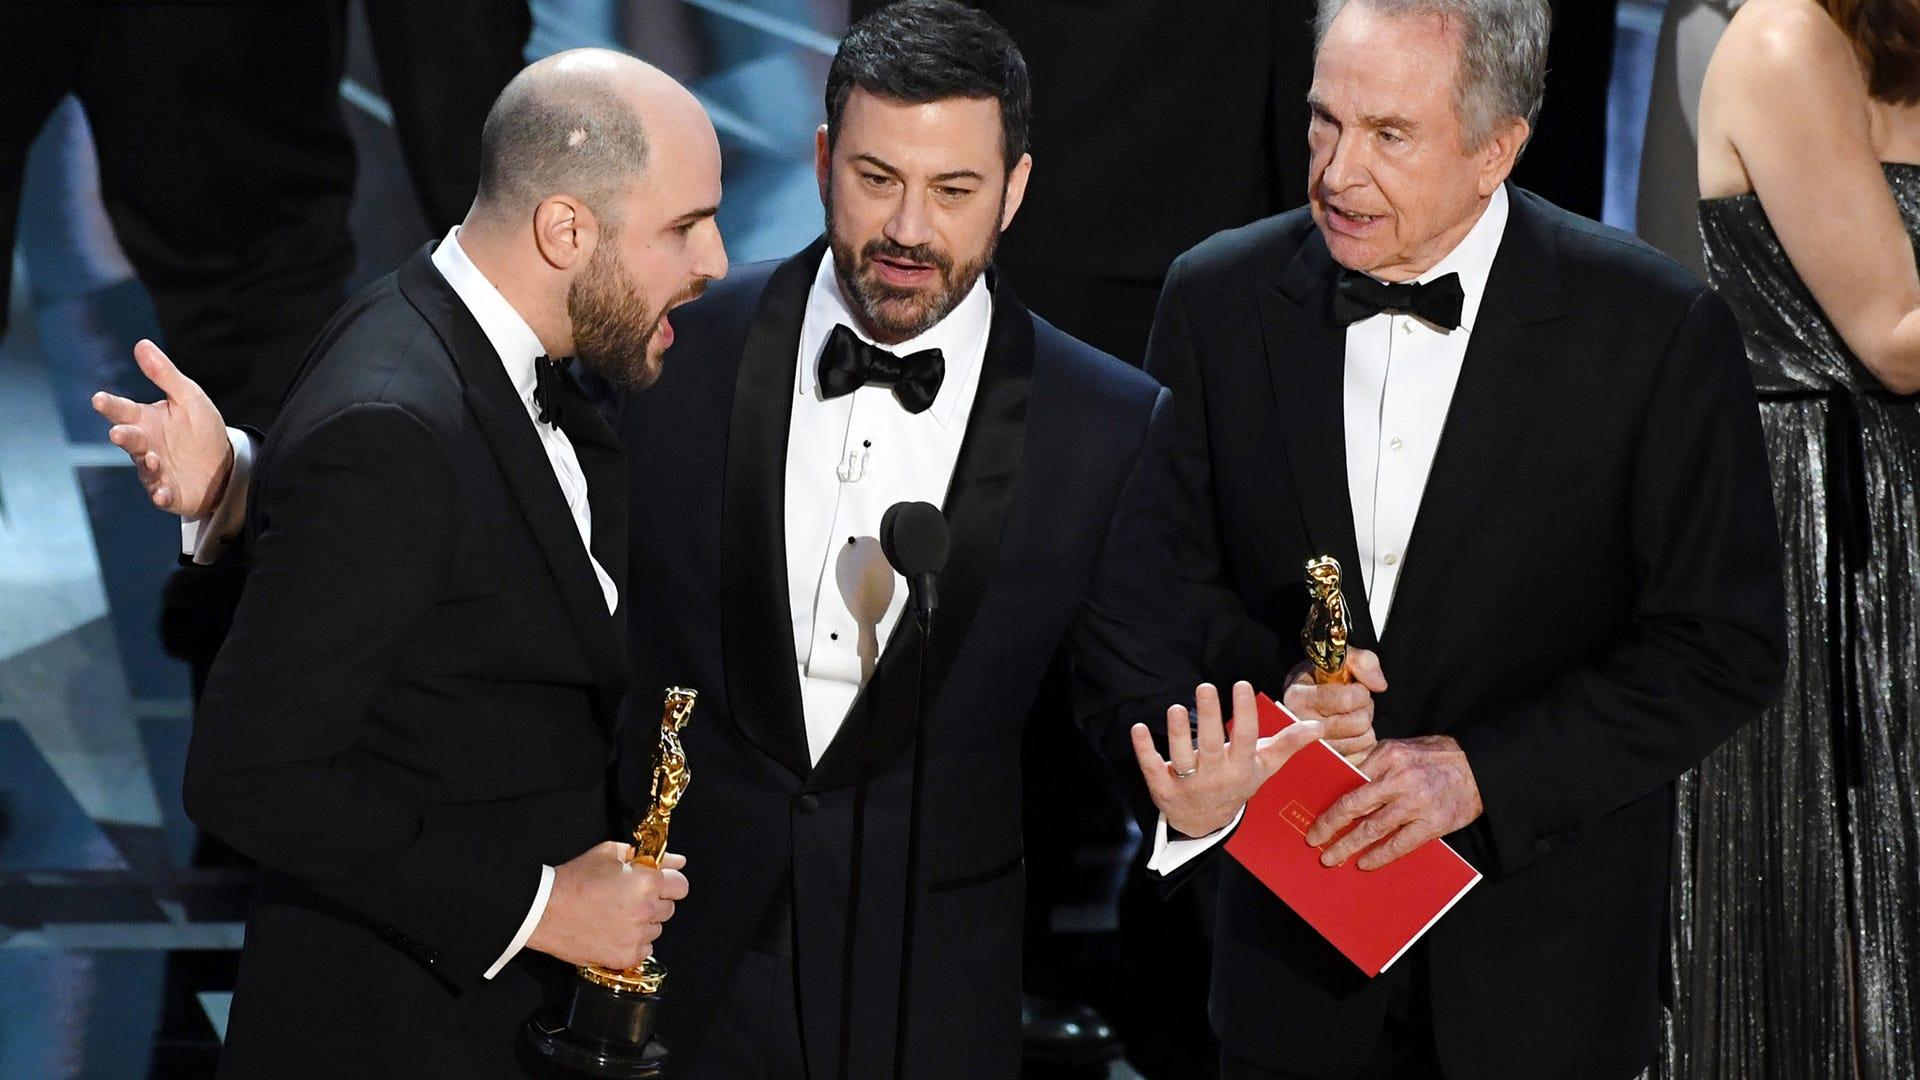 Jordan Horowitz, Jimmy Kimmel and Warren Beatty